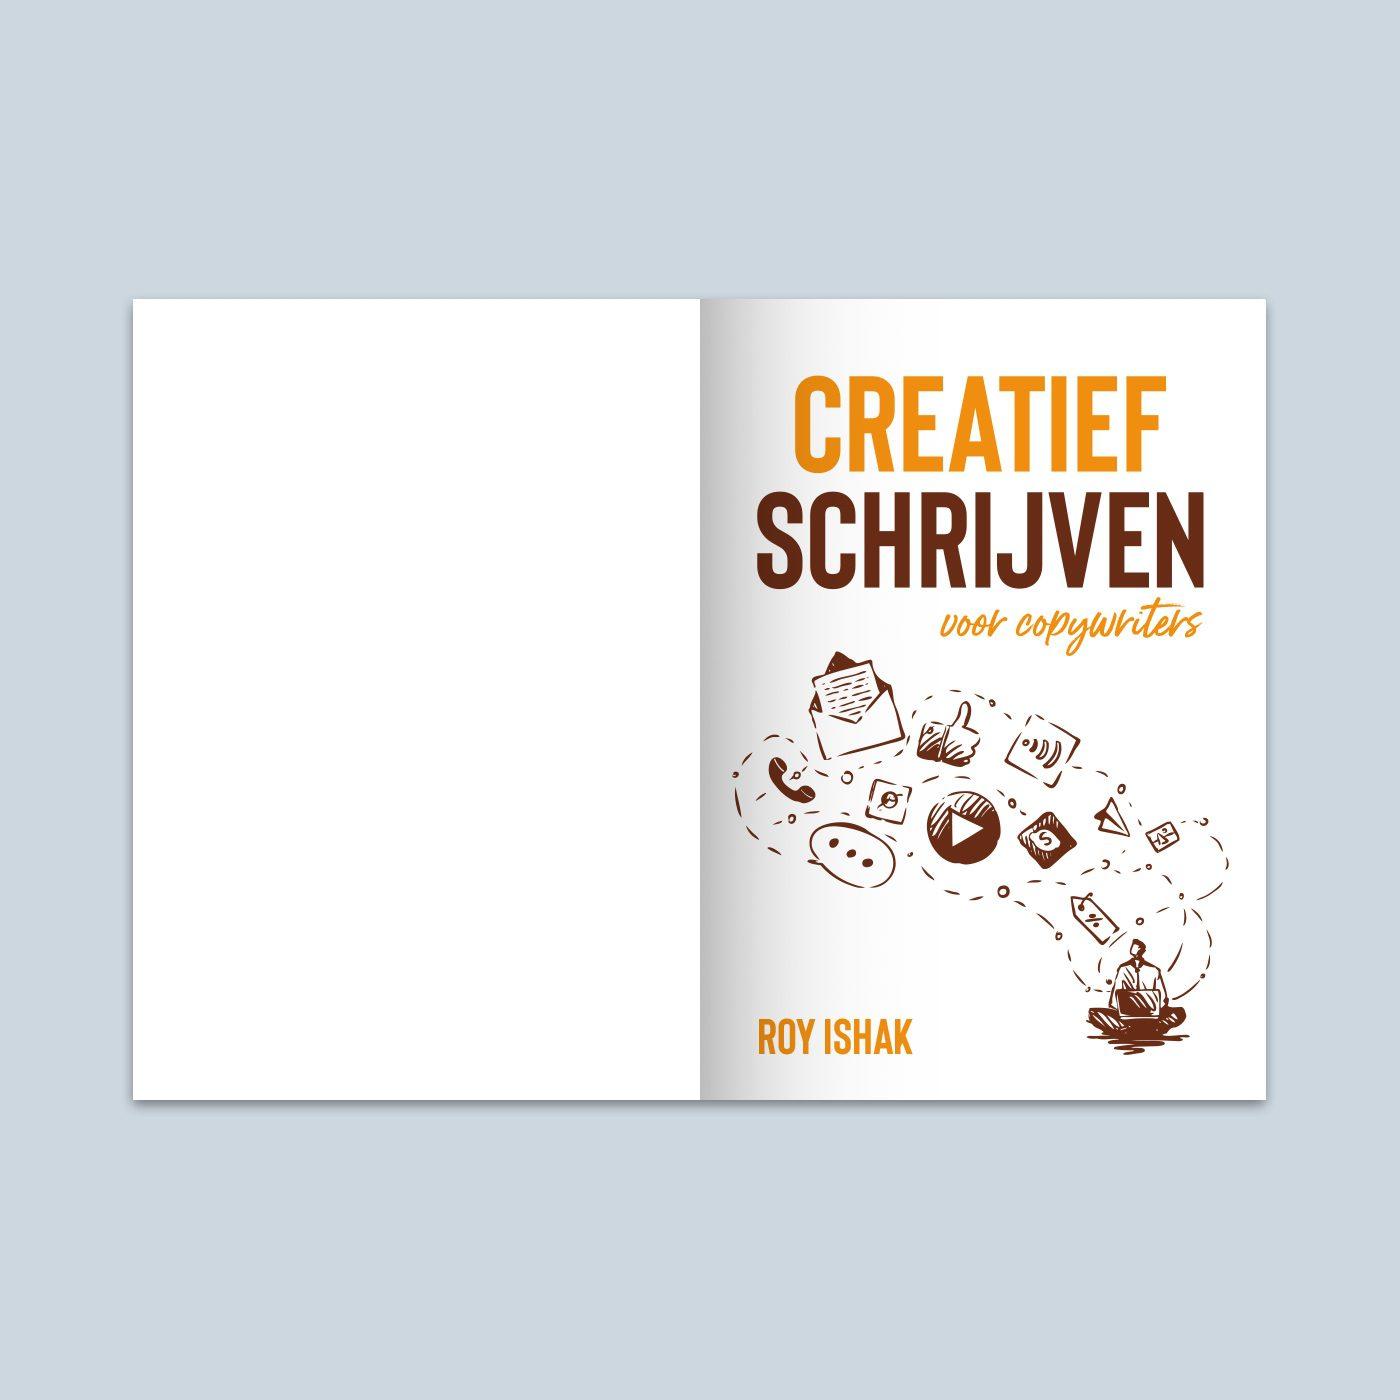 Creatief schrijven voor copywriters binnenwerk 1